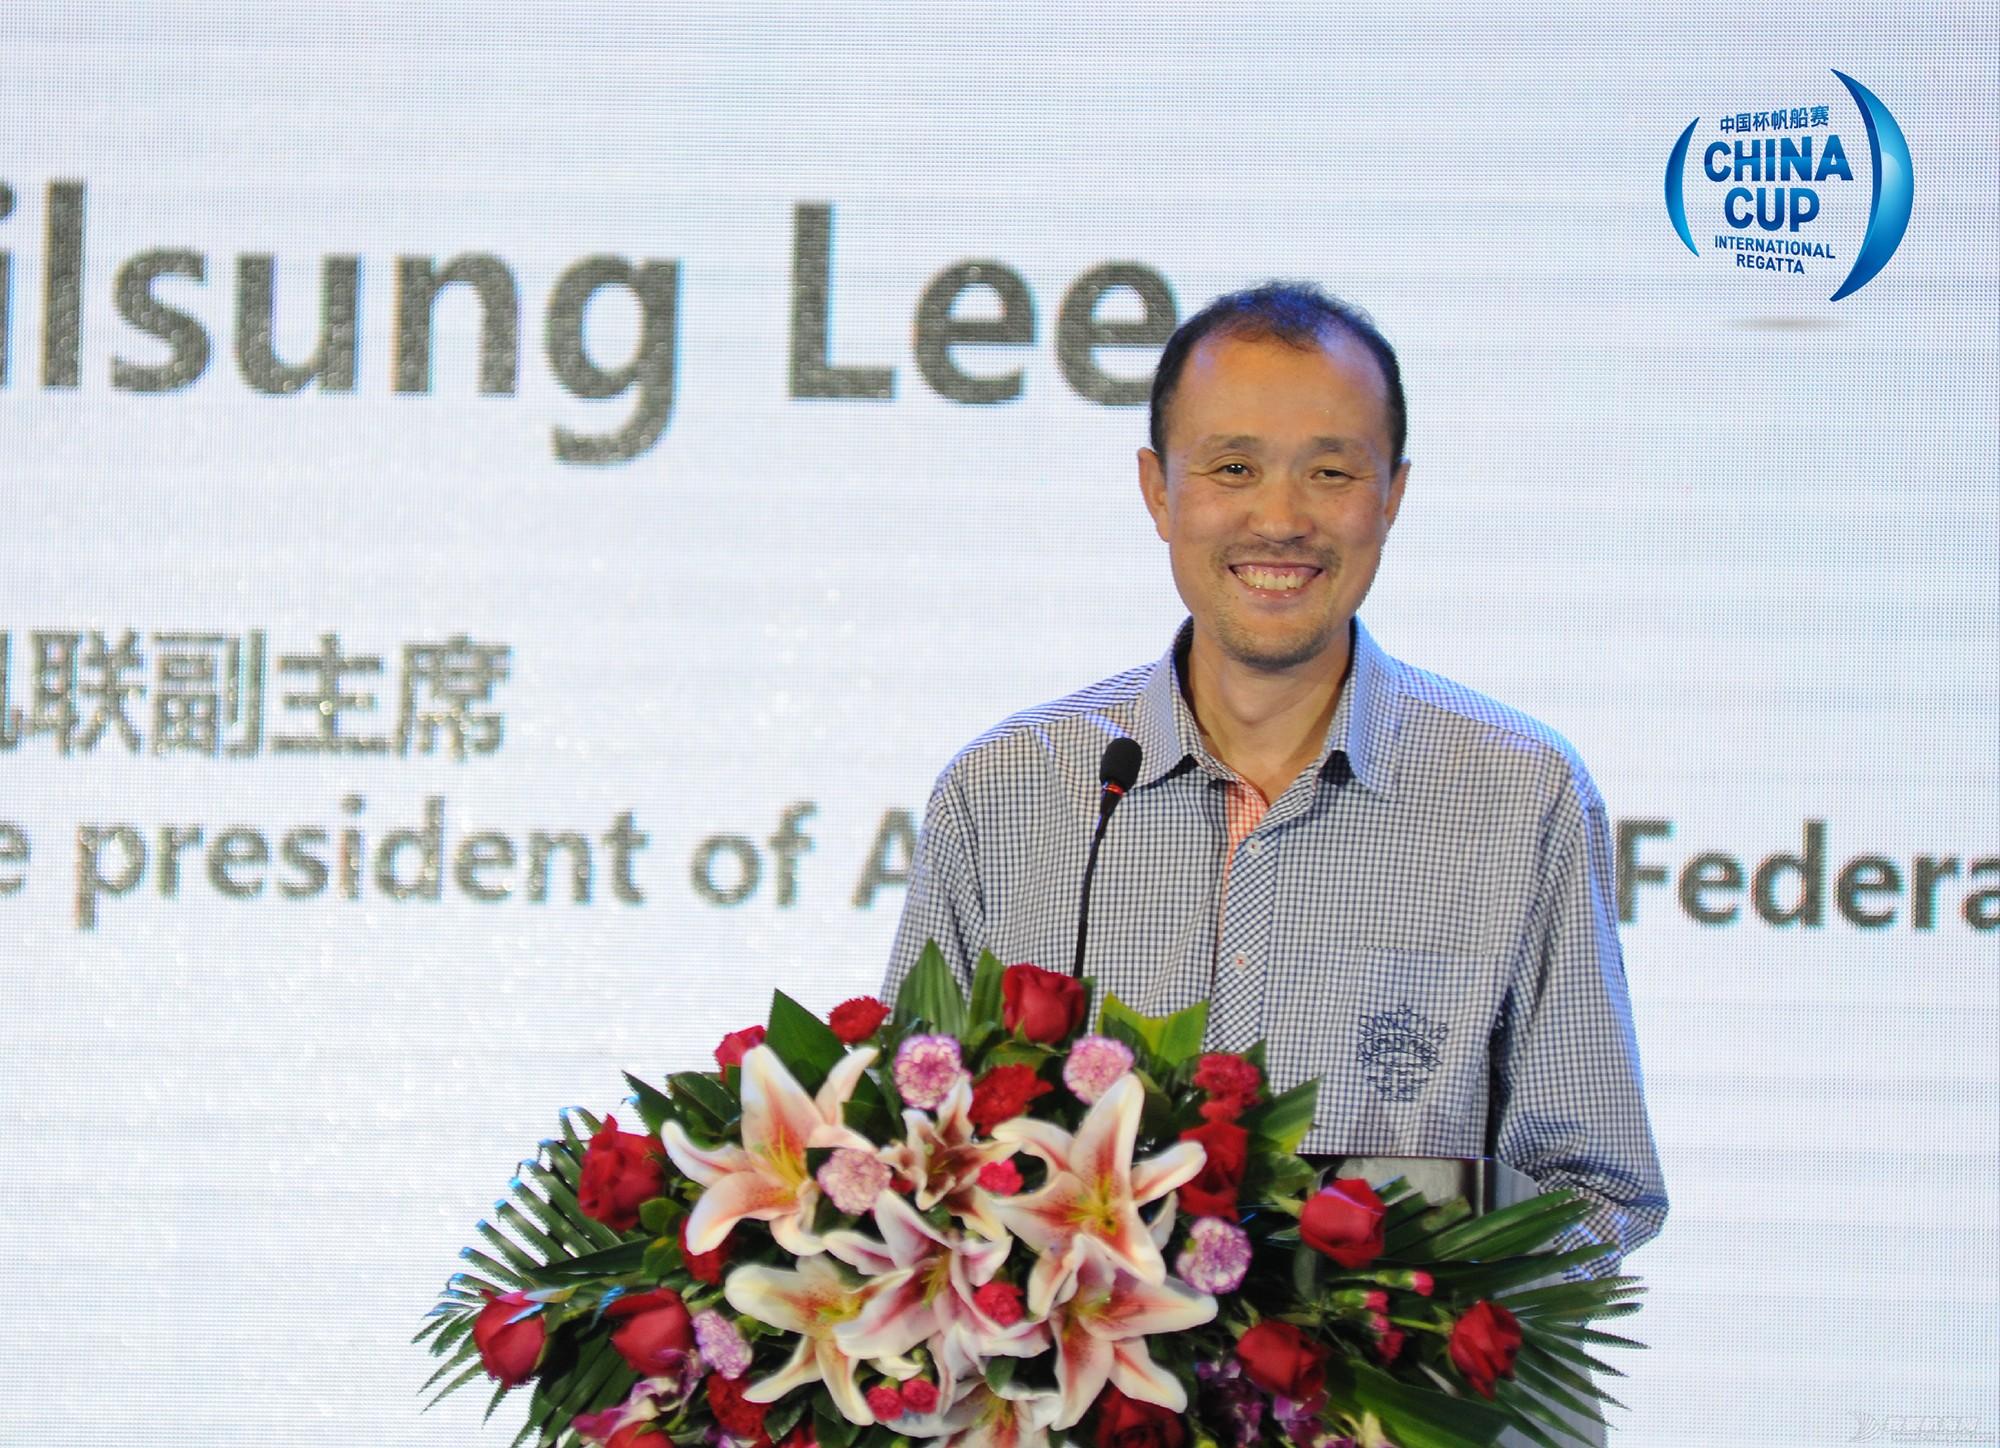 """中国航海 世界未来 第八届""""亚太区航海文化发展(大鹏)论坛""""在深圳举行 lADOf8ecic0G1s0JcQ_2417_1750.jpg"""